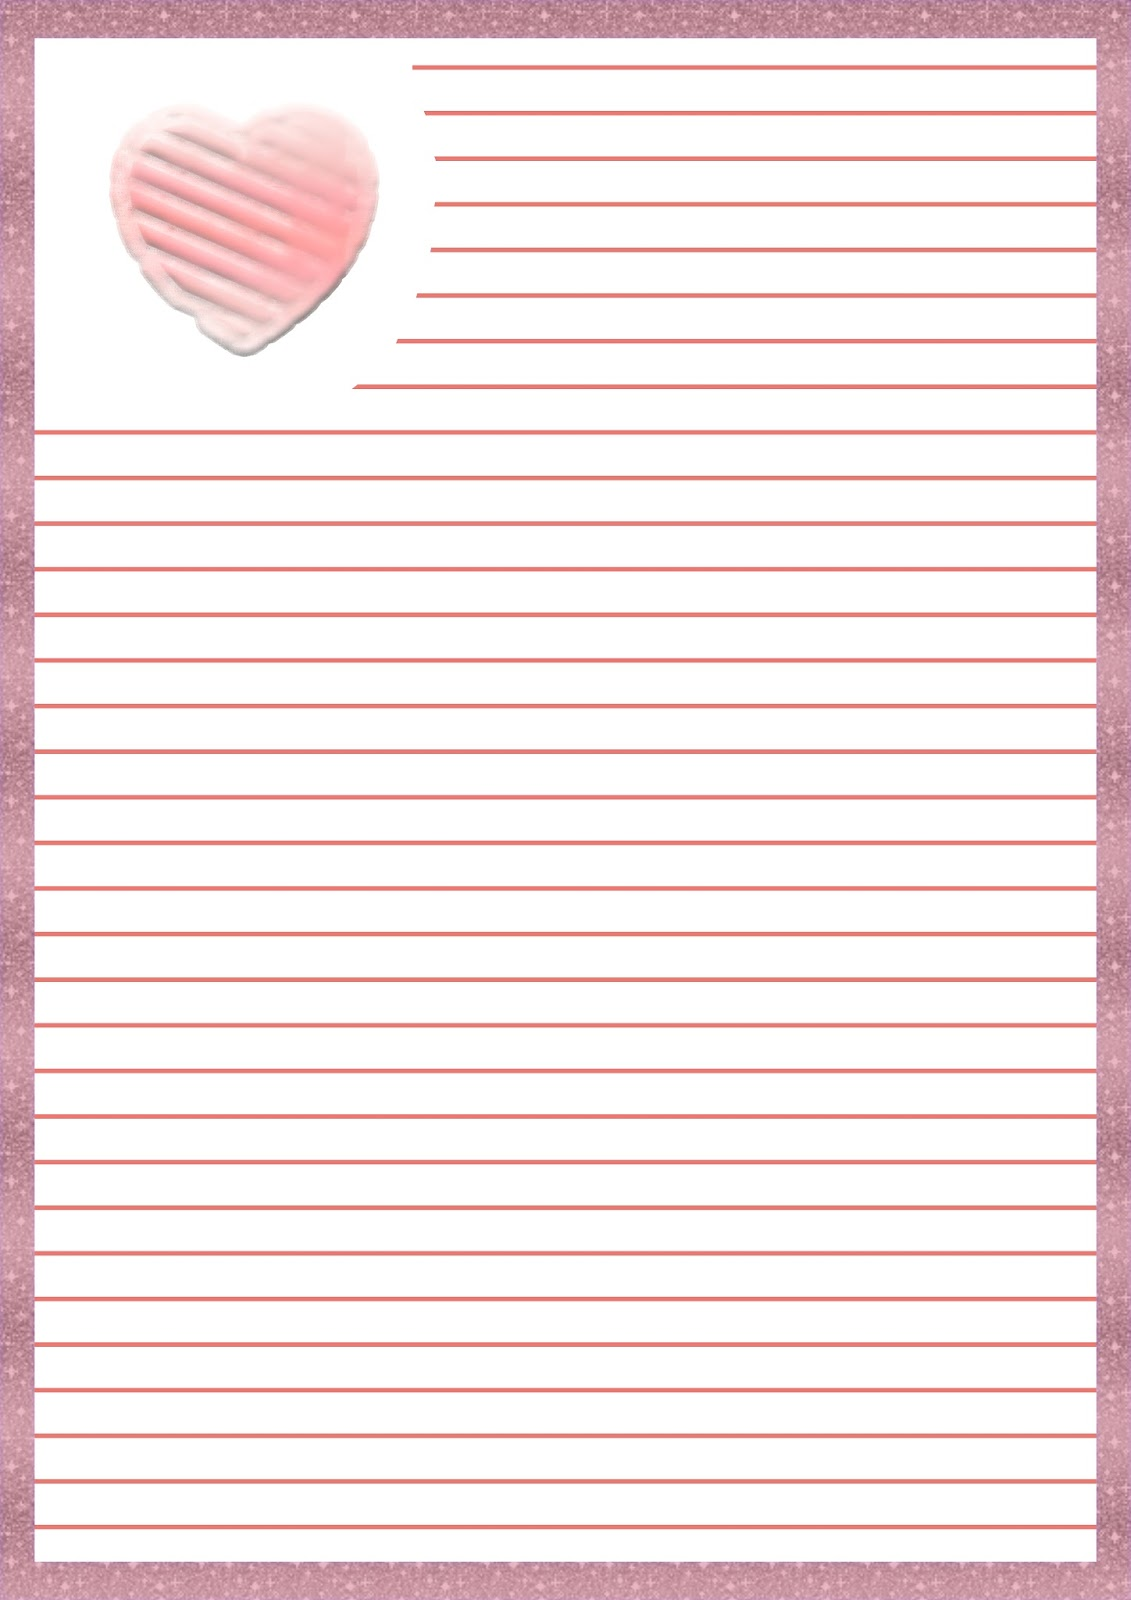 Papel para cartas de amor imprimible - Imprimibles y PNG gratis para ...